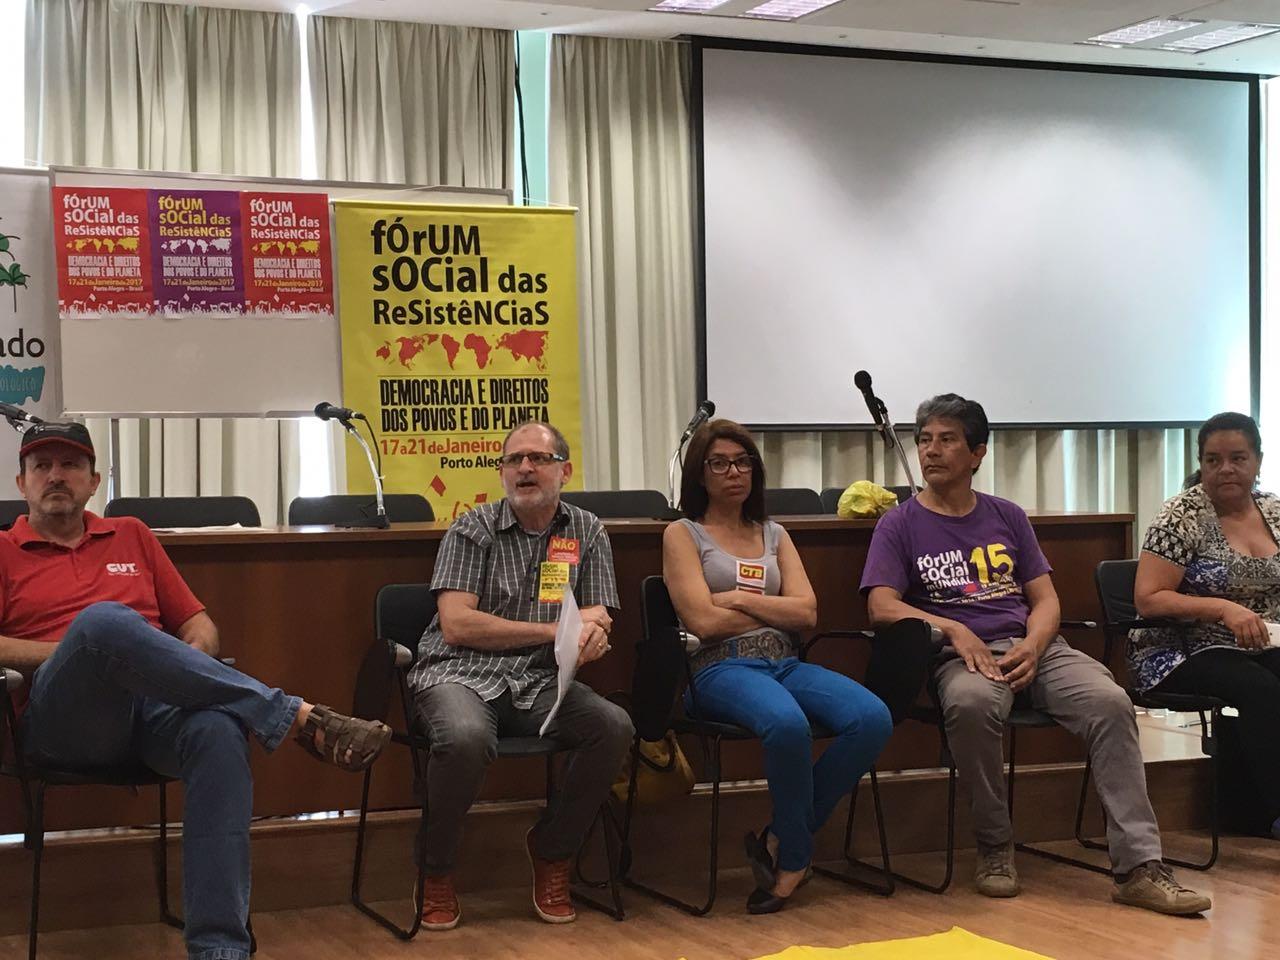 Organizadores do Fórum Social das Resistências em coletiva de imprensa. (Foto: CTB)